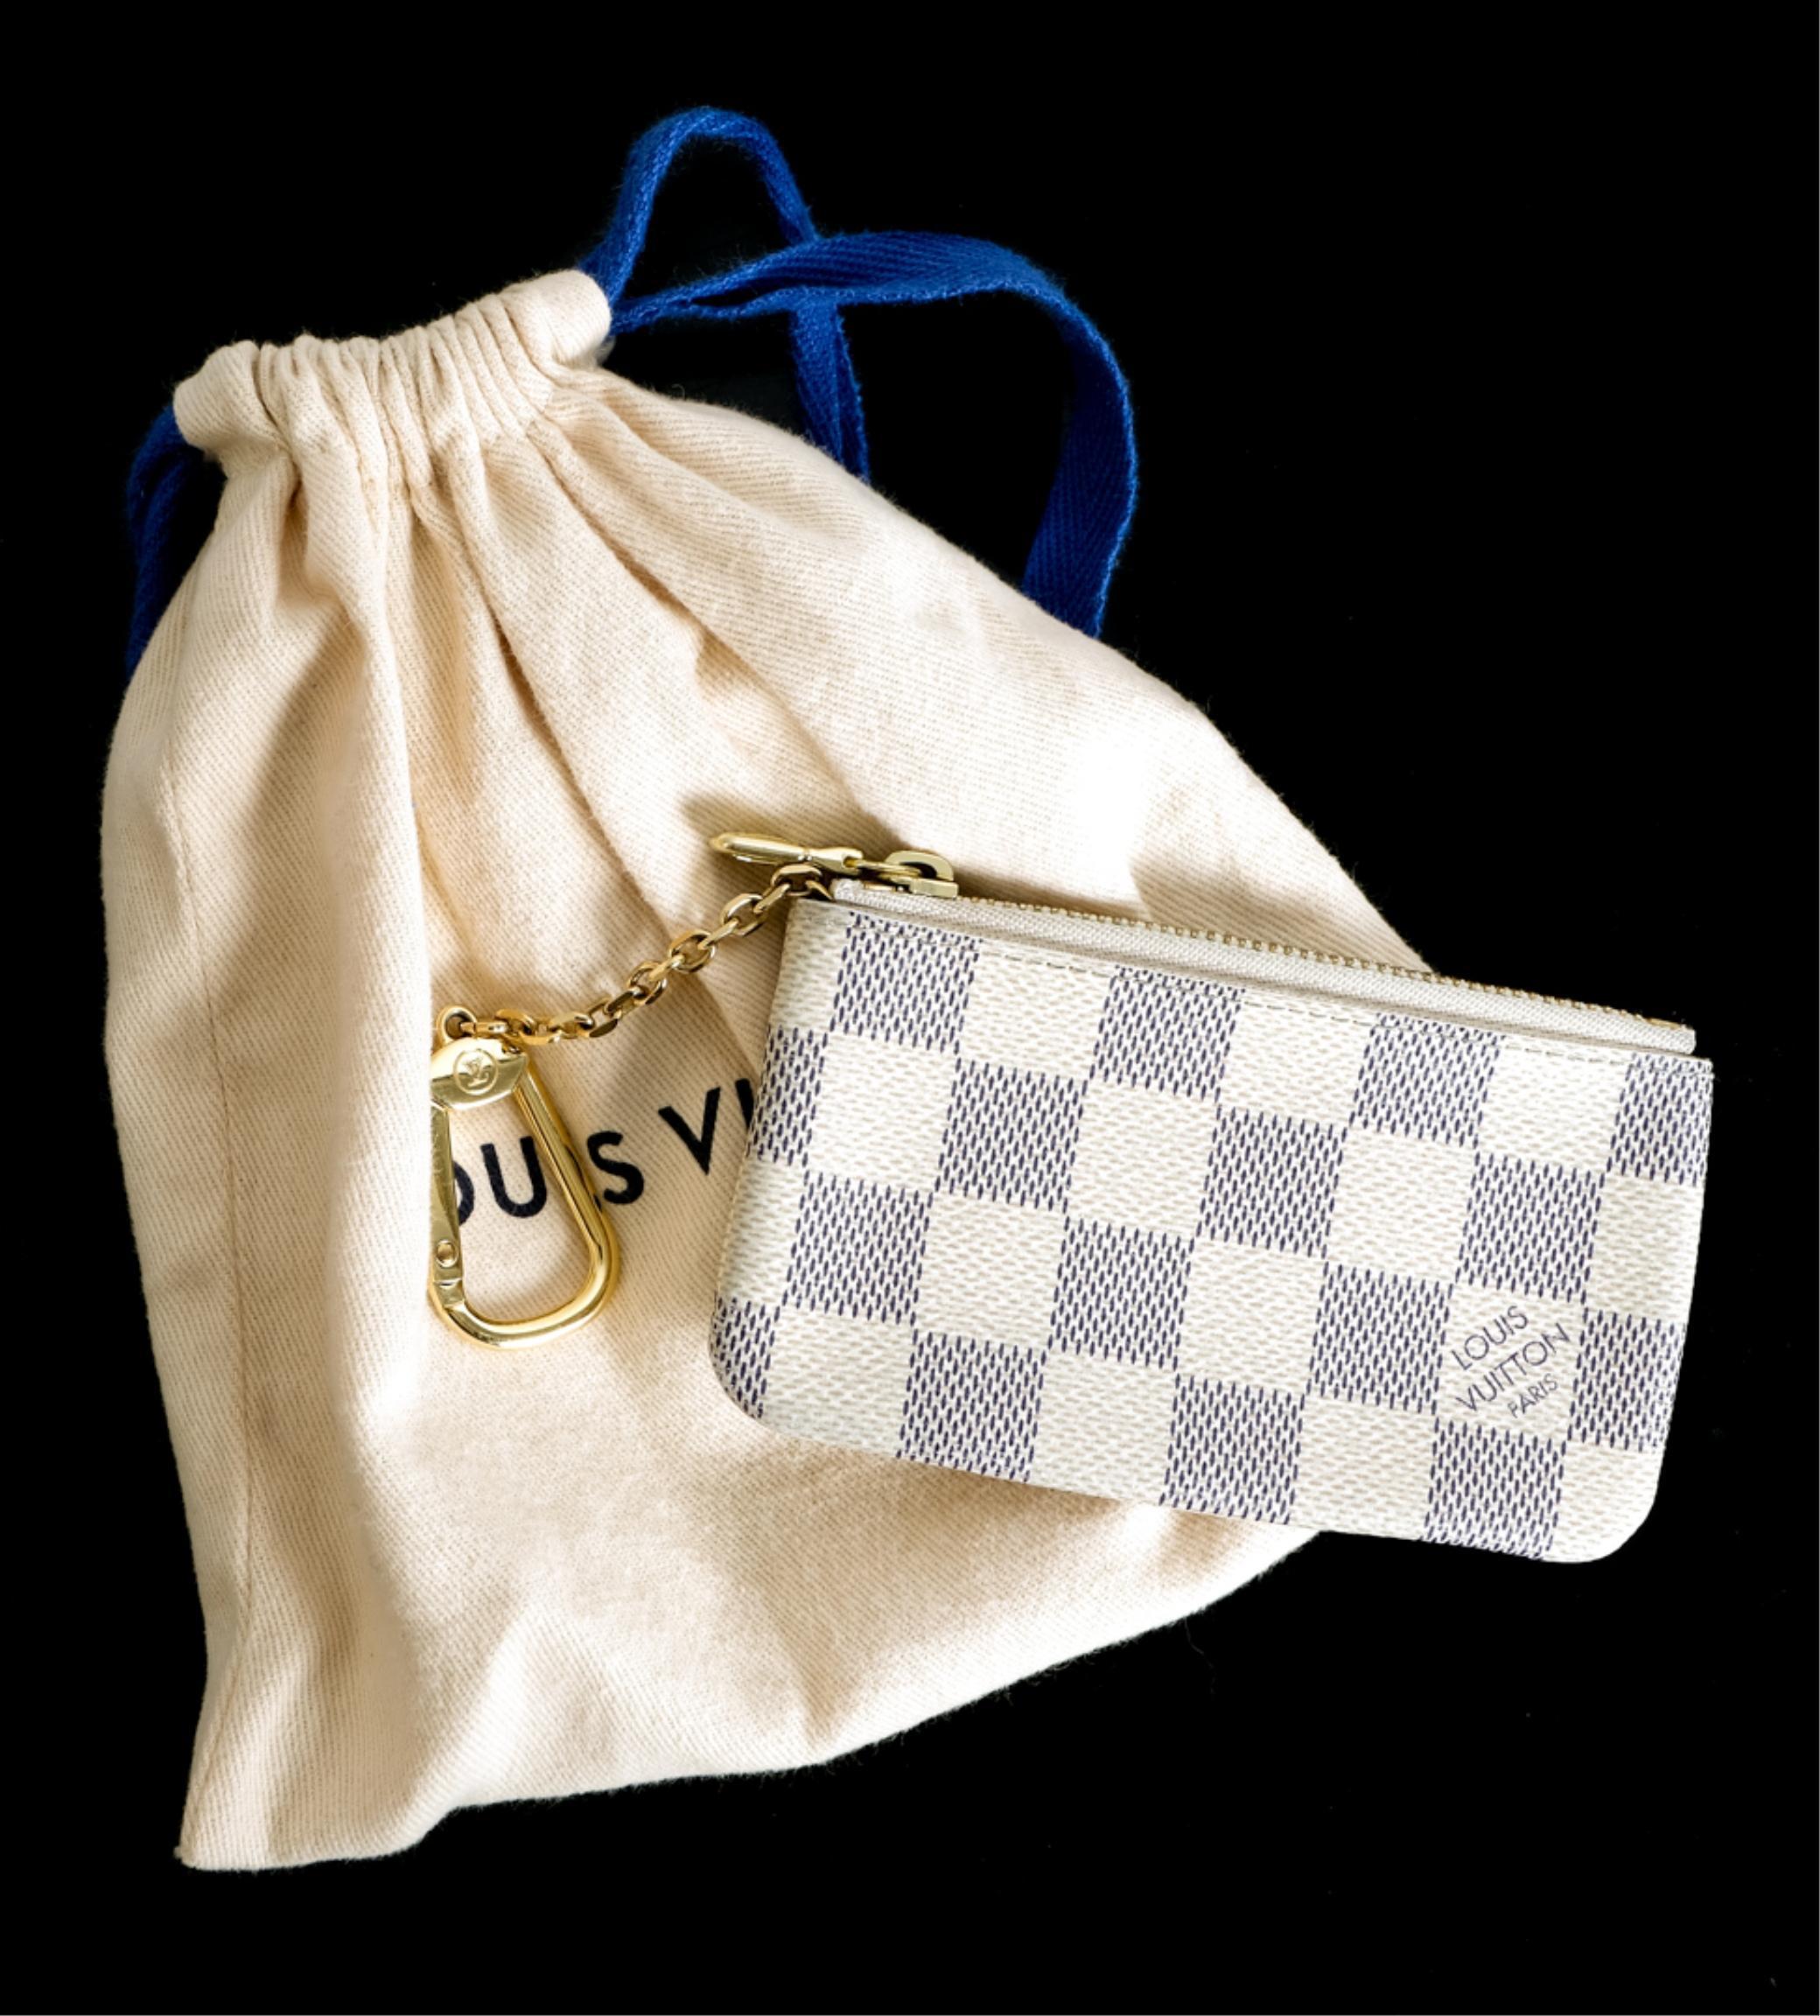 Louis Vuitton Damier Azur Key Pouch w/Dust Bag